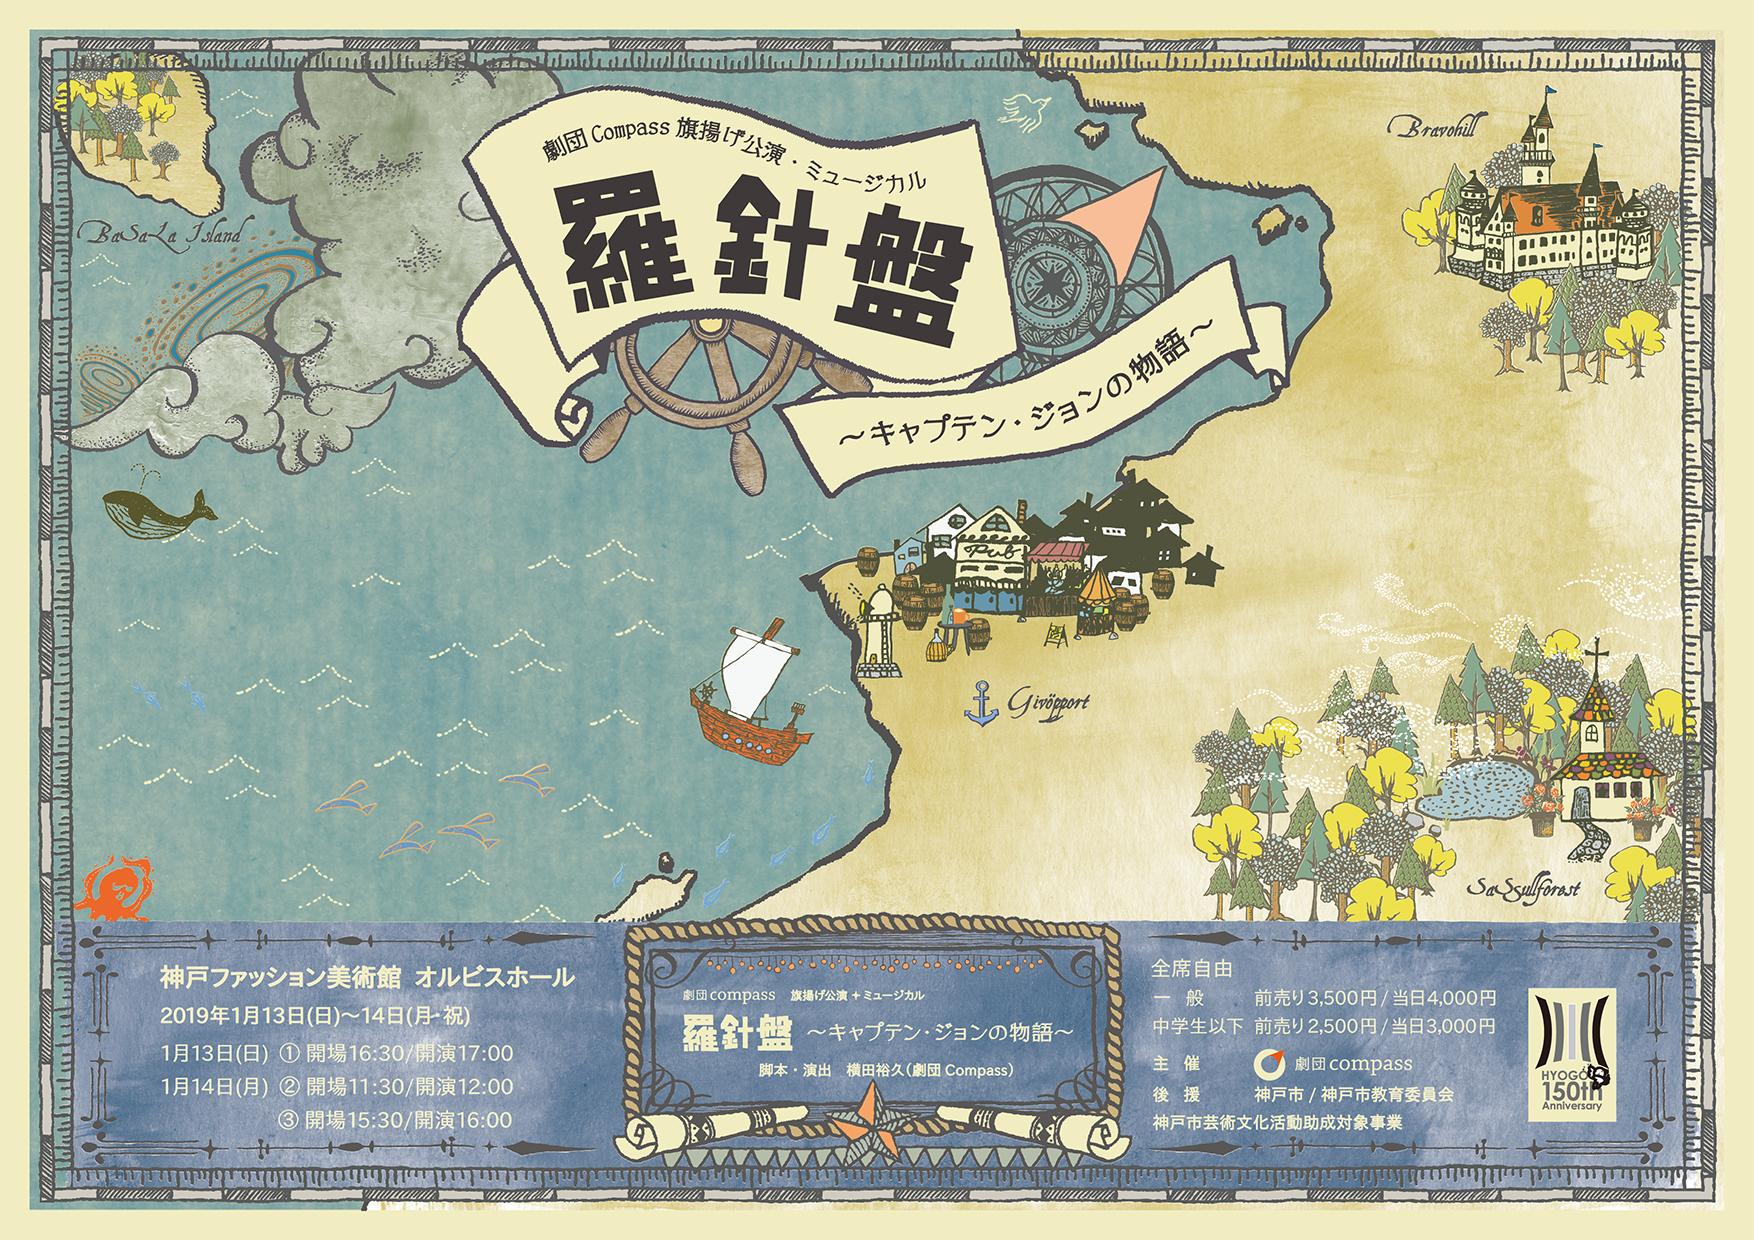 『羅針盤〜キャプテン・ジョンの物語〜』